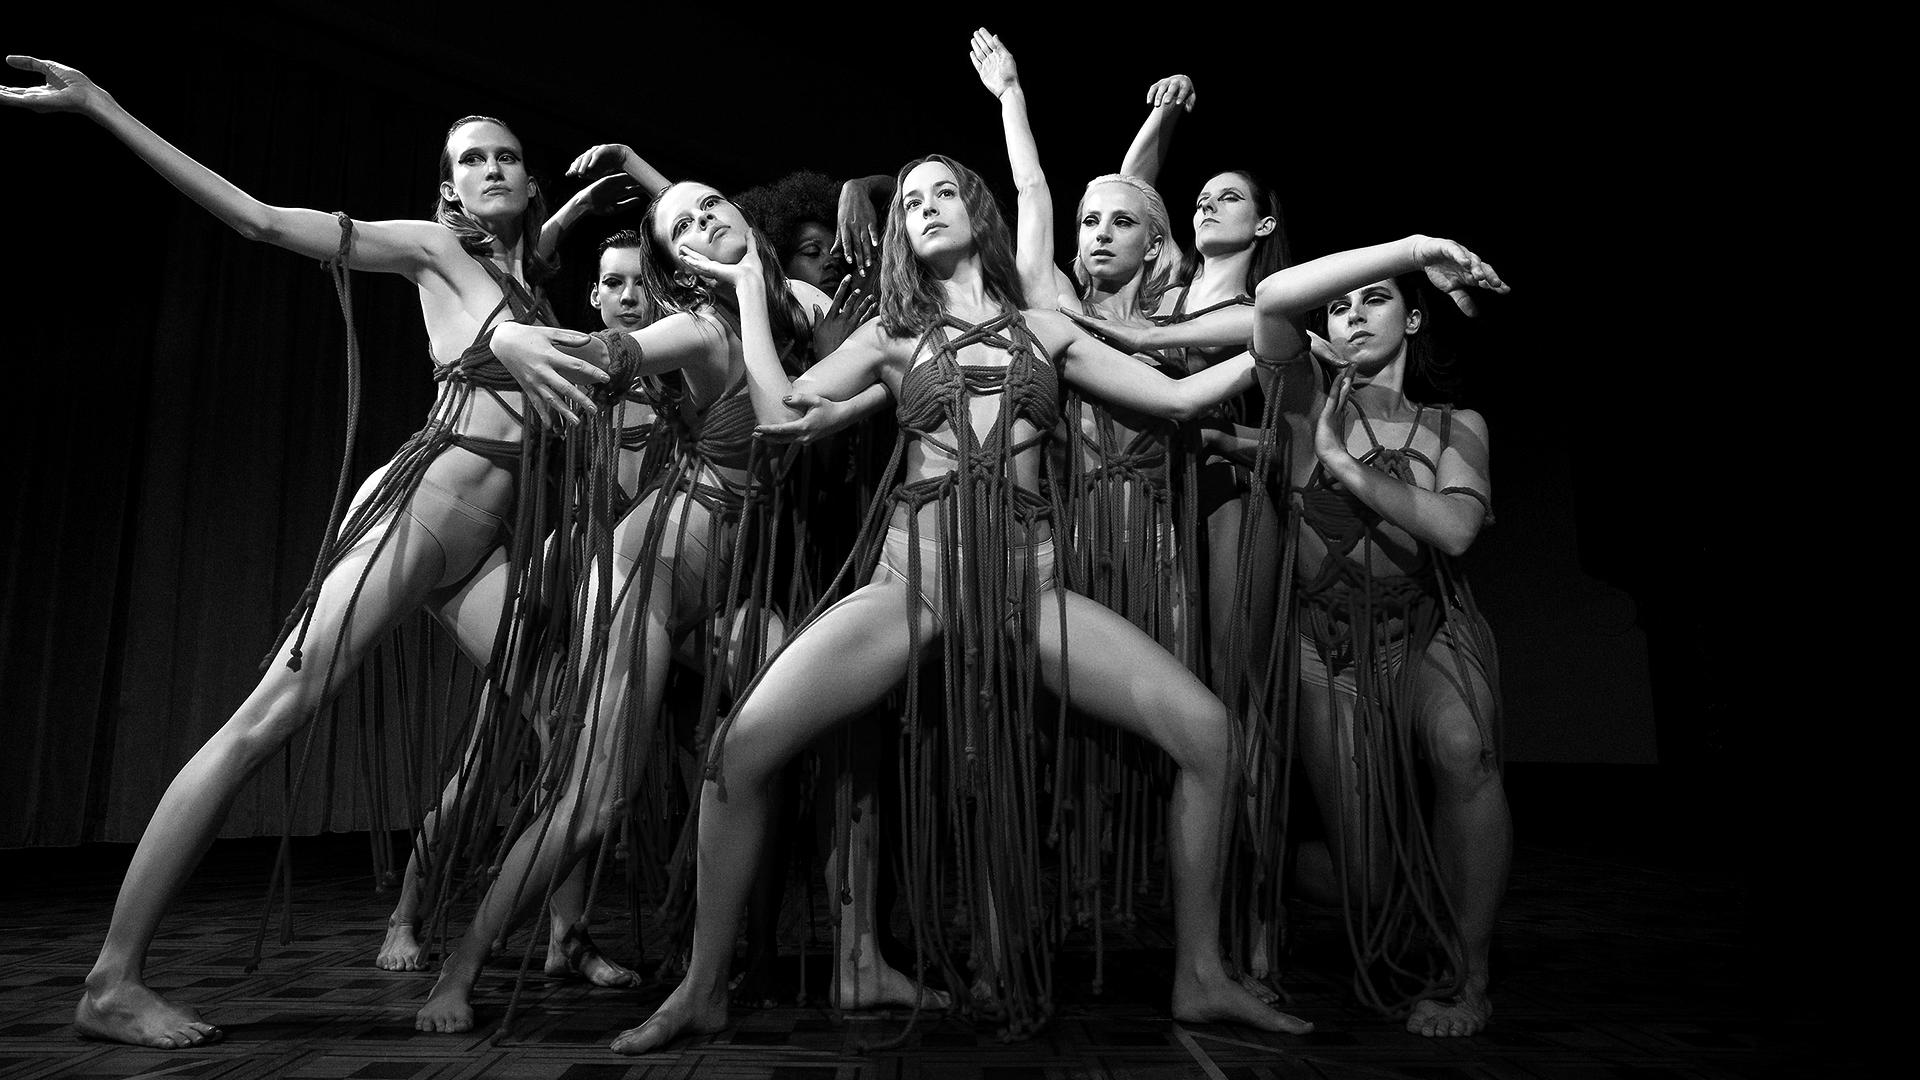 «Суспирия» Луки Гуаданьино: Красные танцы